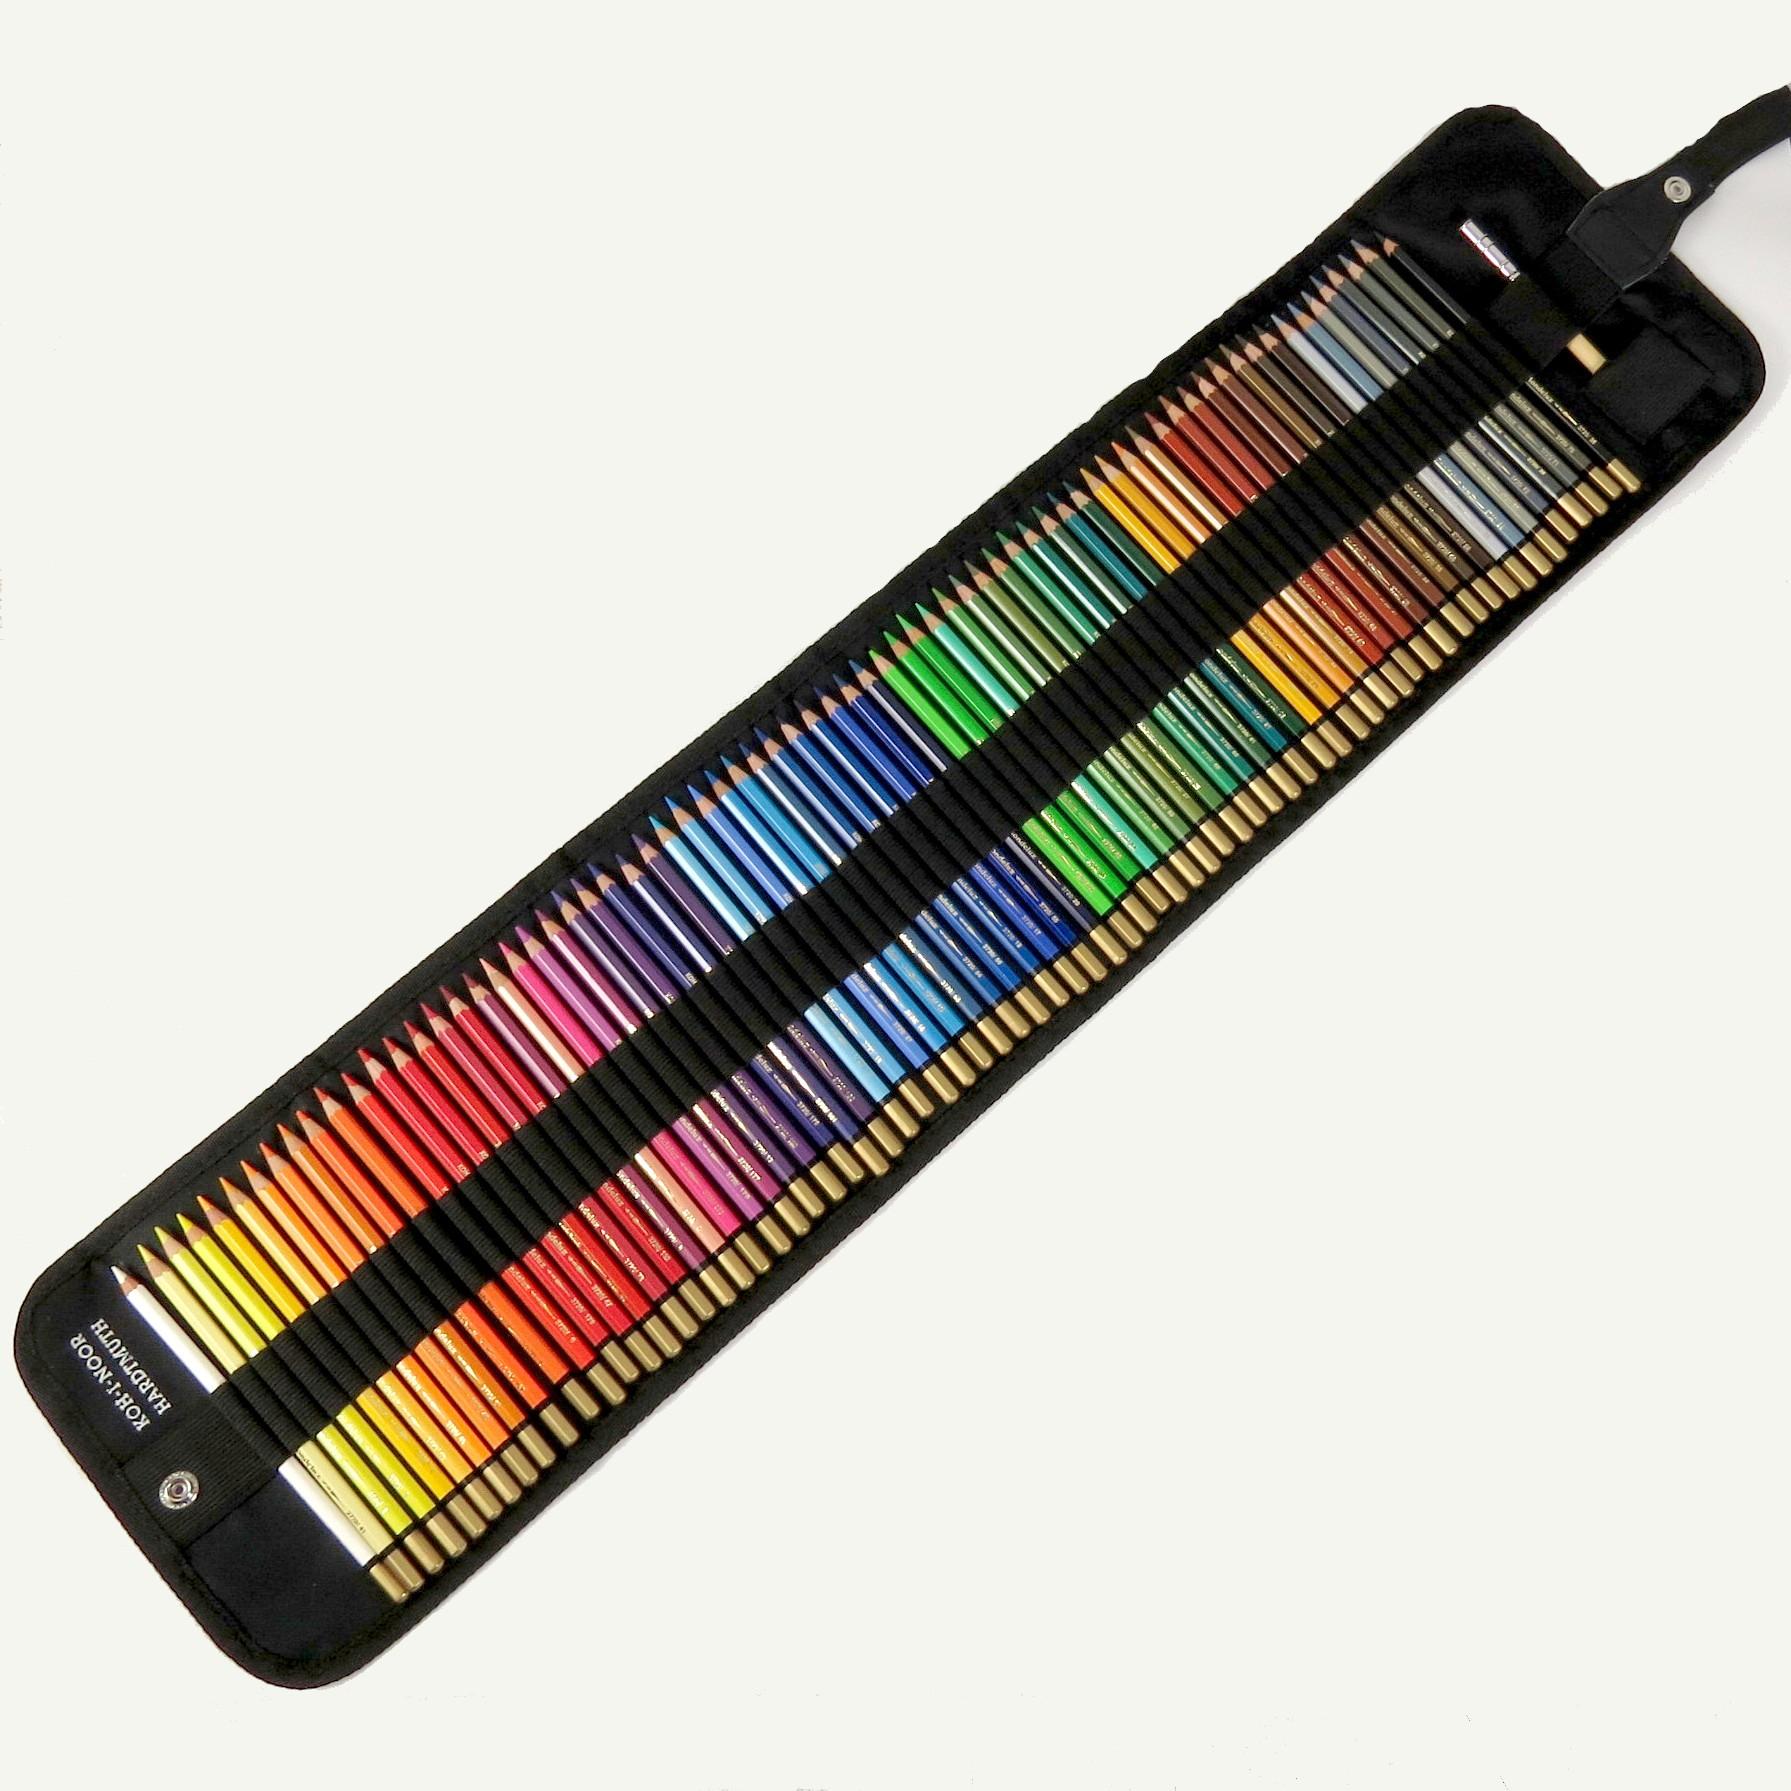 Stifterolle befüllt mit 72 Mondeluz Aquarell Buntstiften von Koh-I-Noor